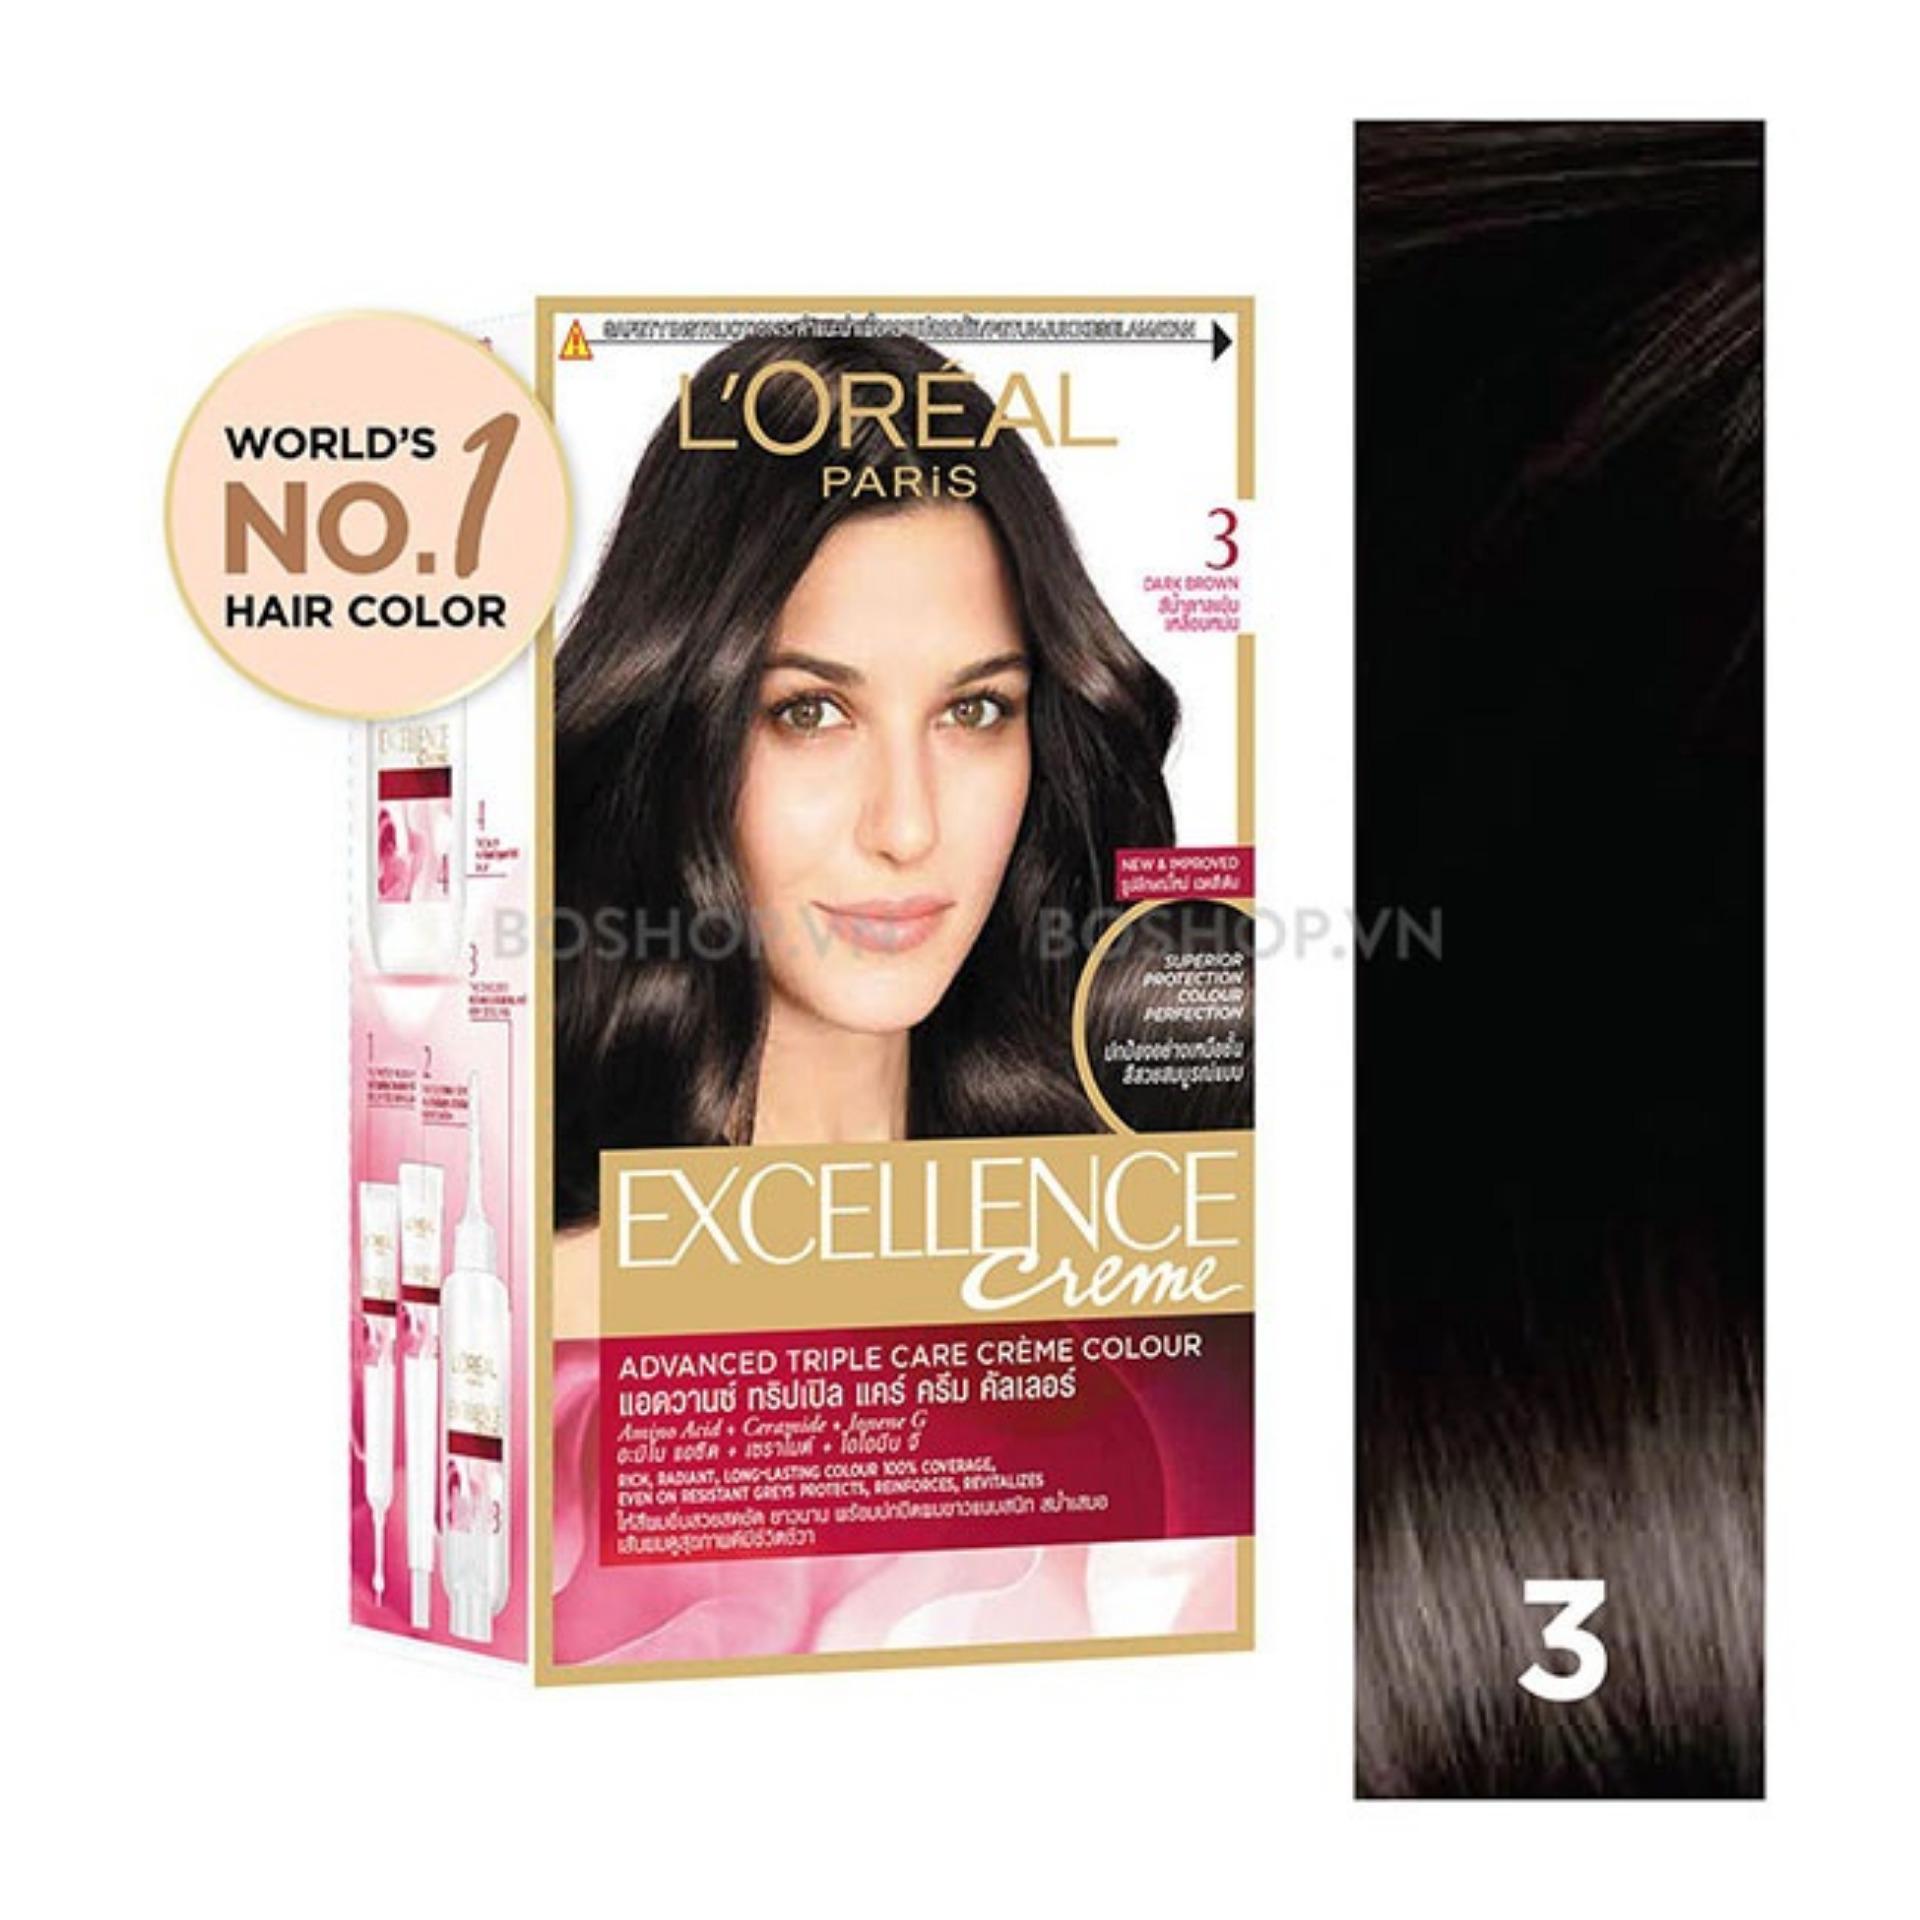 Thuốc nhuộm tóc Loreal Excellence Creme #3 Dark Brown ( Nâu đen ) - Tặng nón trùm tóc